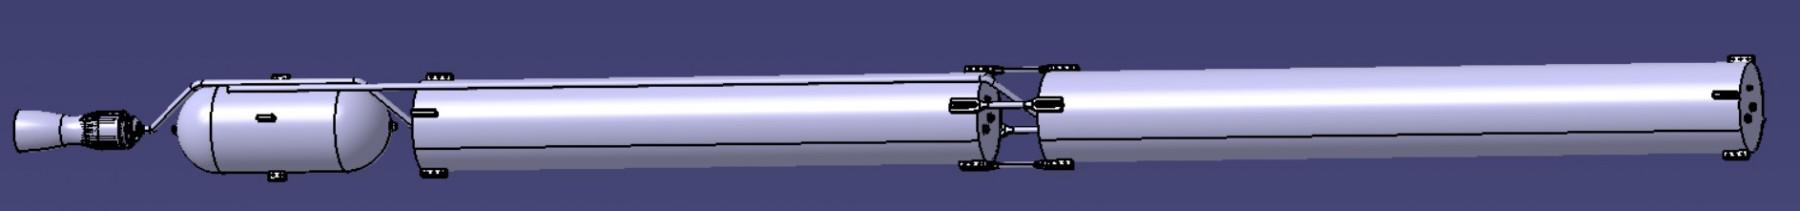 propu-bi-liquide-fusee-sonde